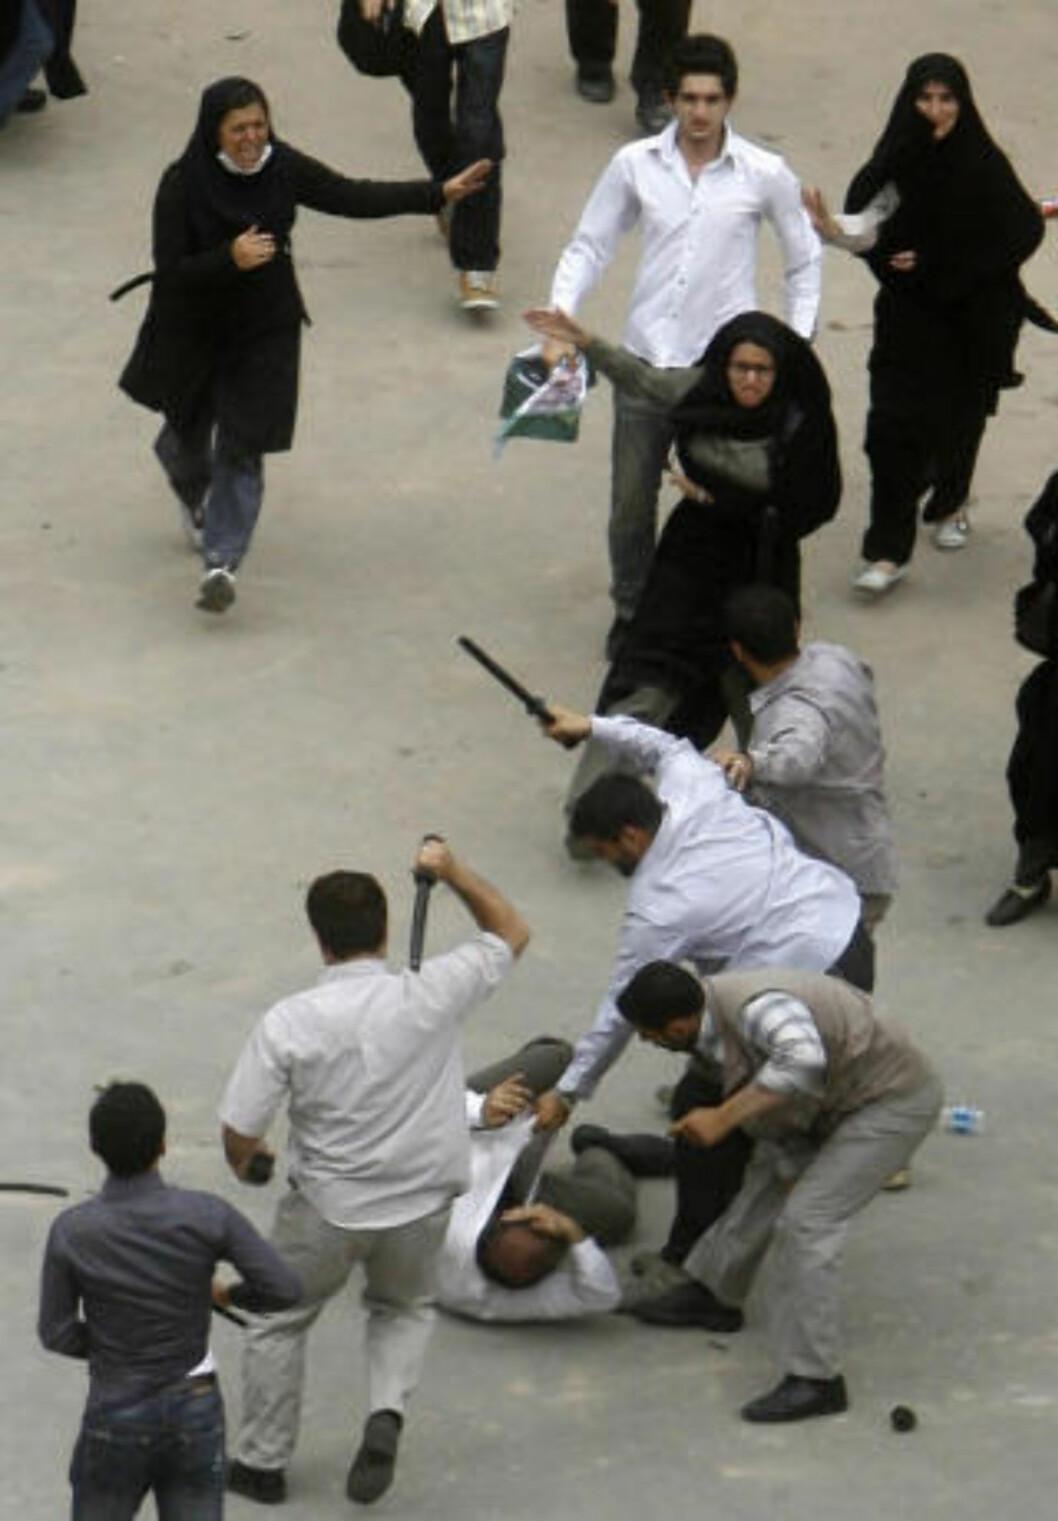 <strong>FRA DEMONSTRASJONENE:</strong> Iranske politimenn i sivilt angrekk slår en Mousavi-tilhenger med batonger i Teheran 14. juni i år. Foto: TOPSHOTS/AFP PHOTO/STR